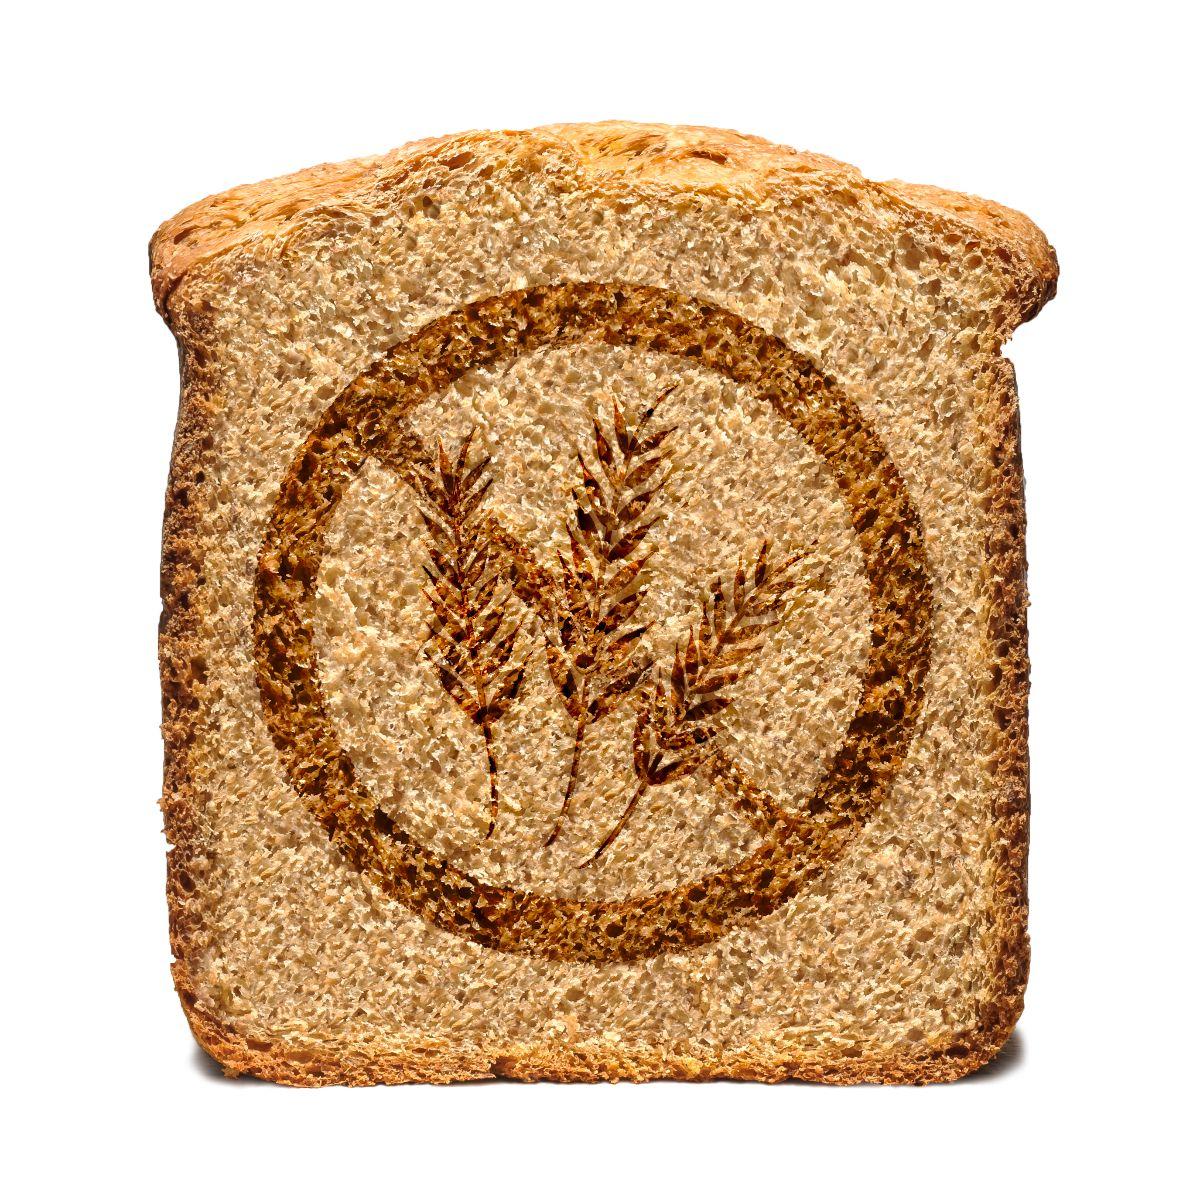 Rebanada de pan con simbolo de prohibido trigo